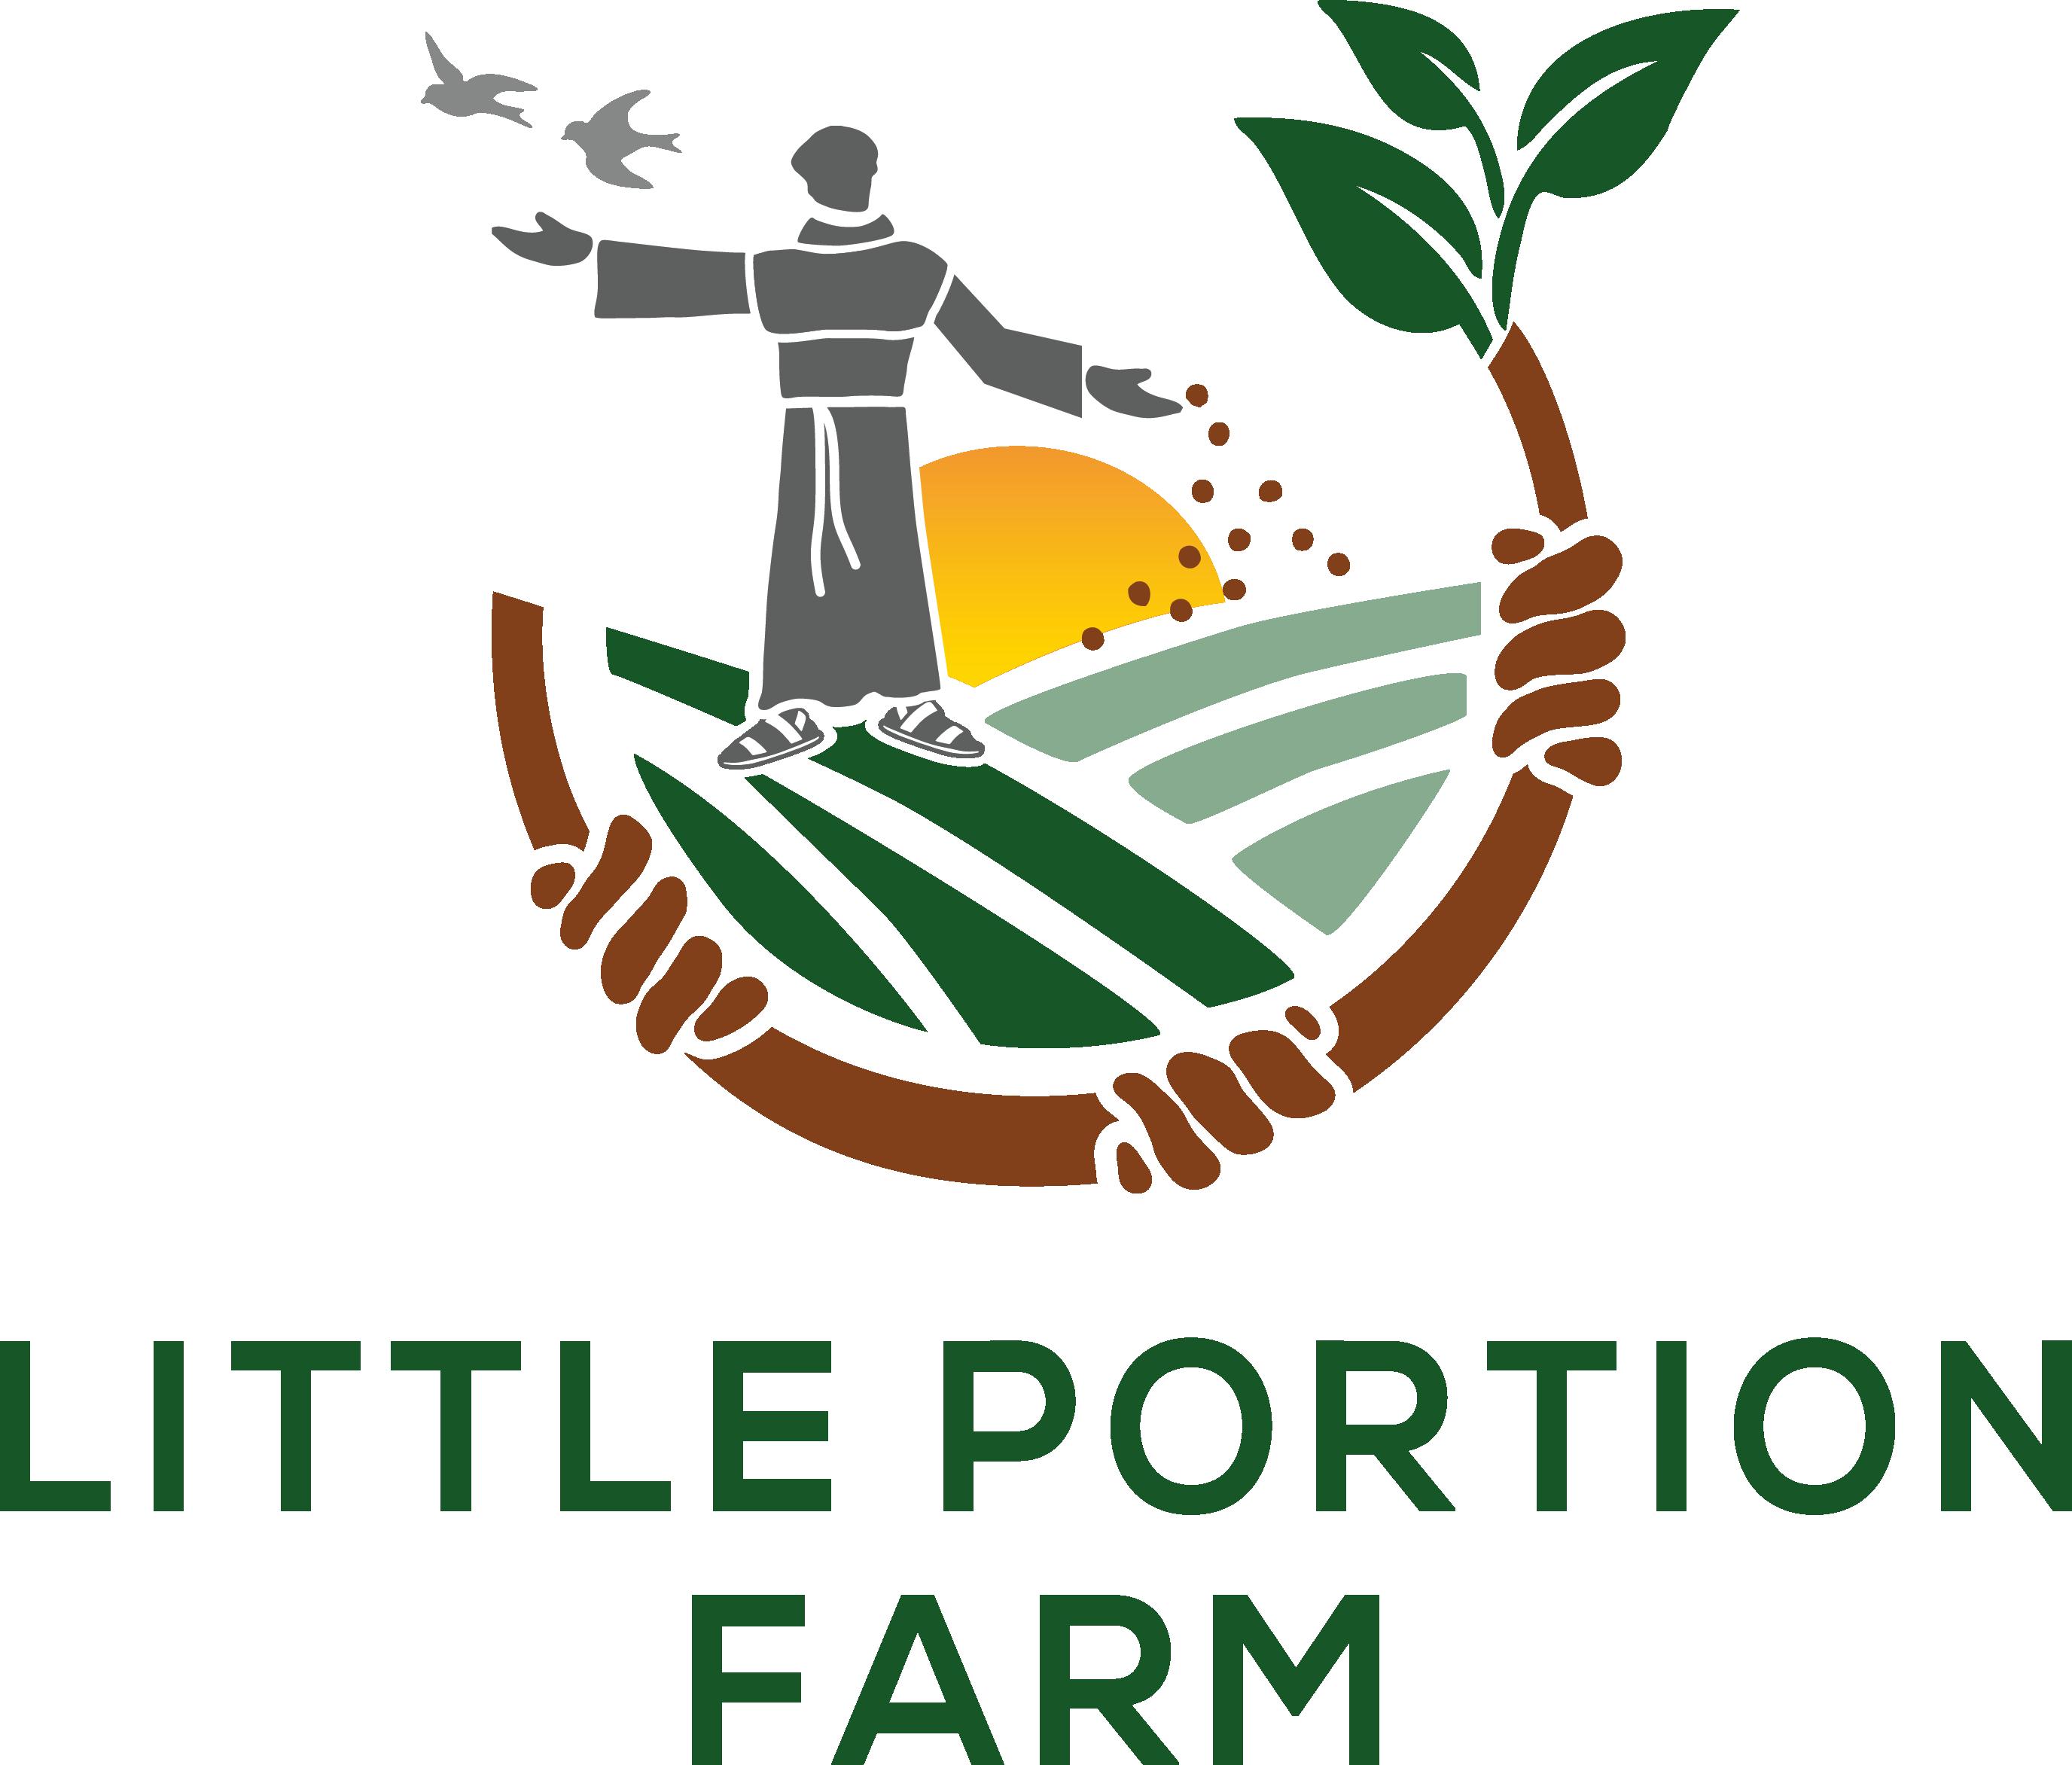 Little Portion Farm